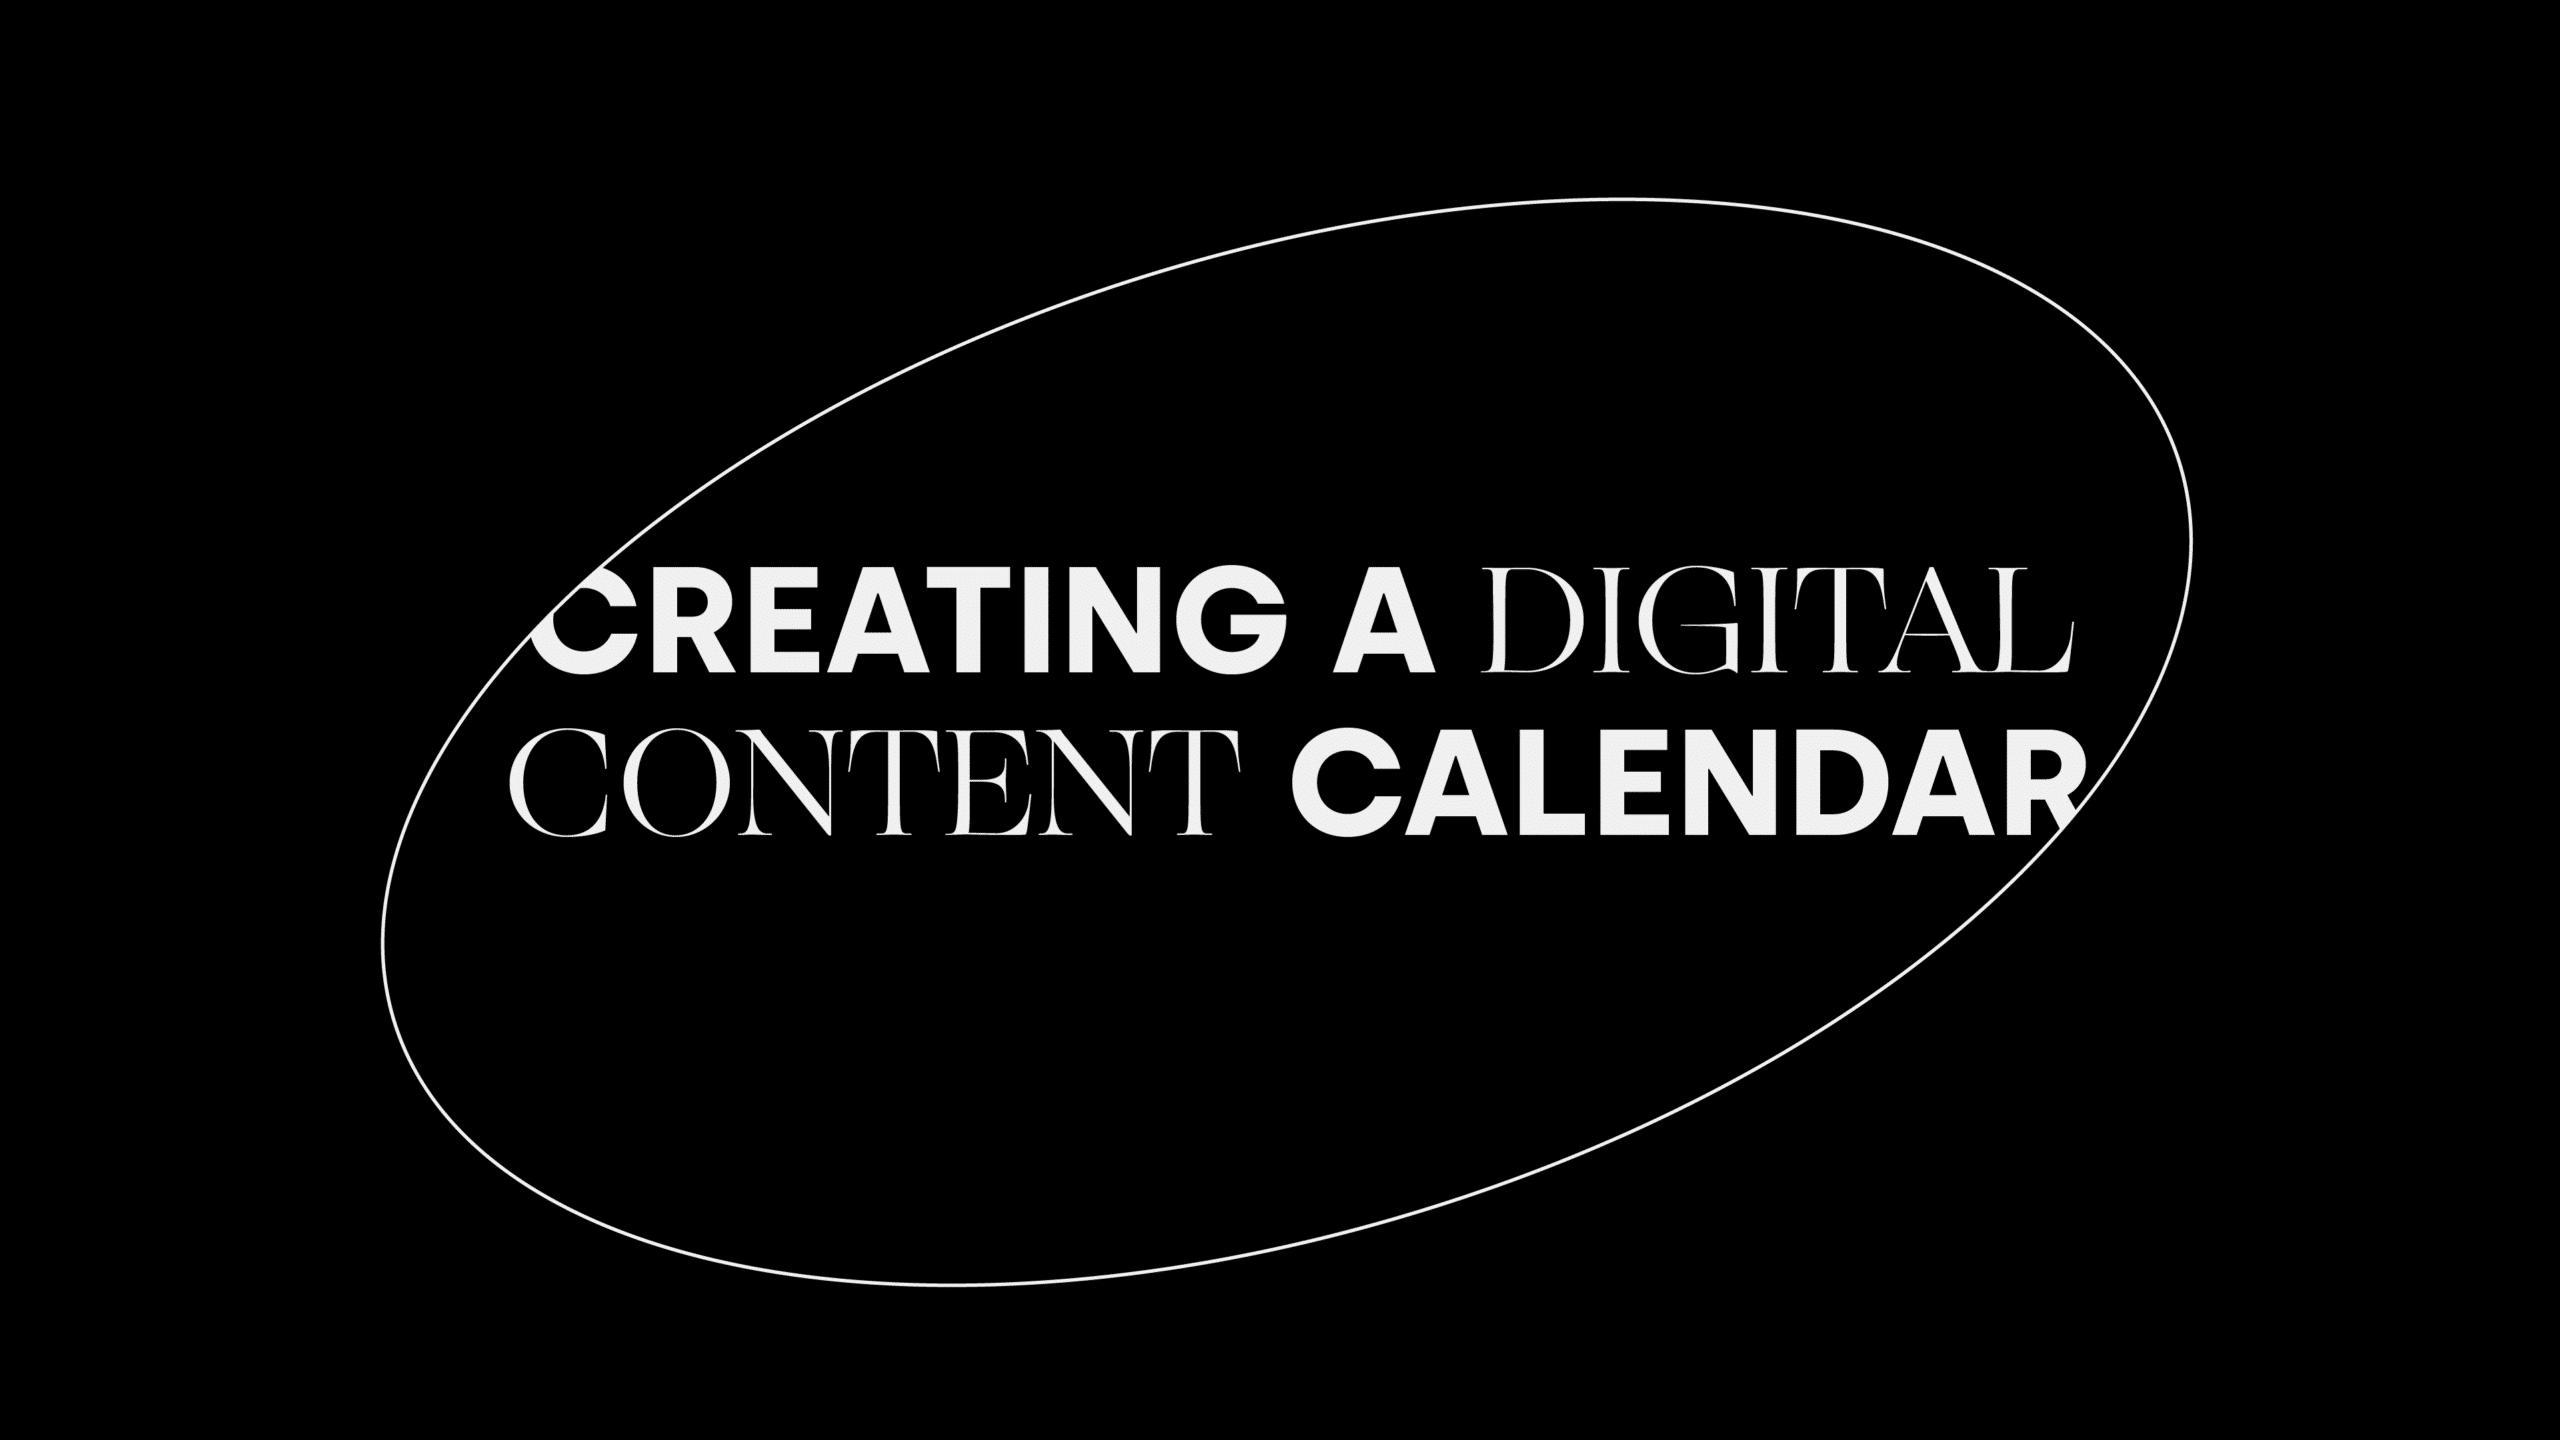 Creating a Digital Content Calendar banner